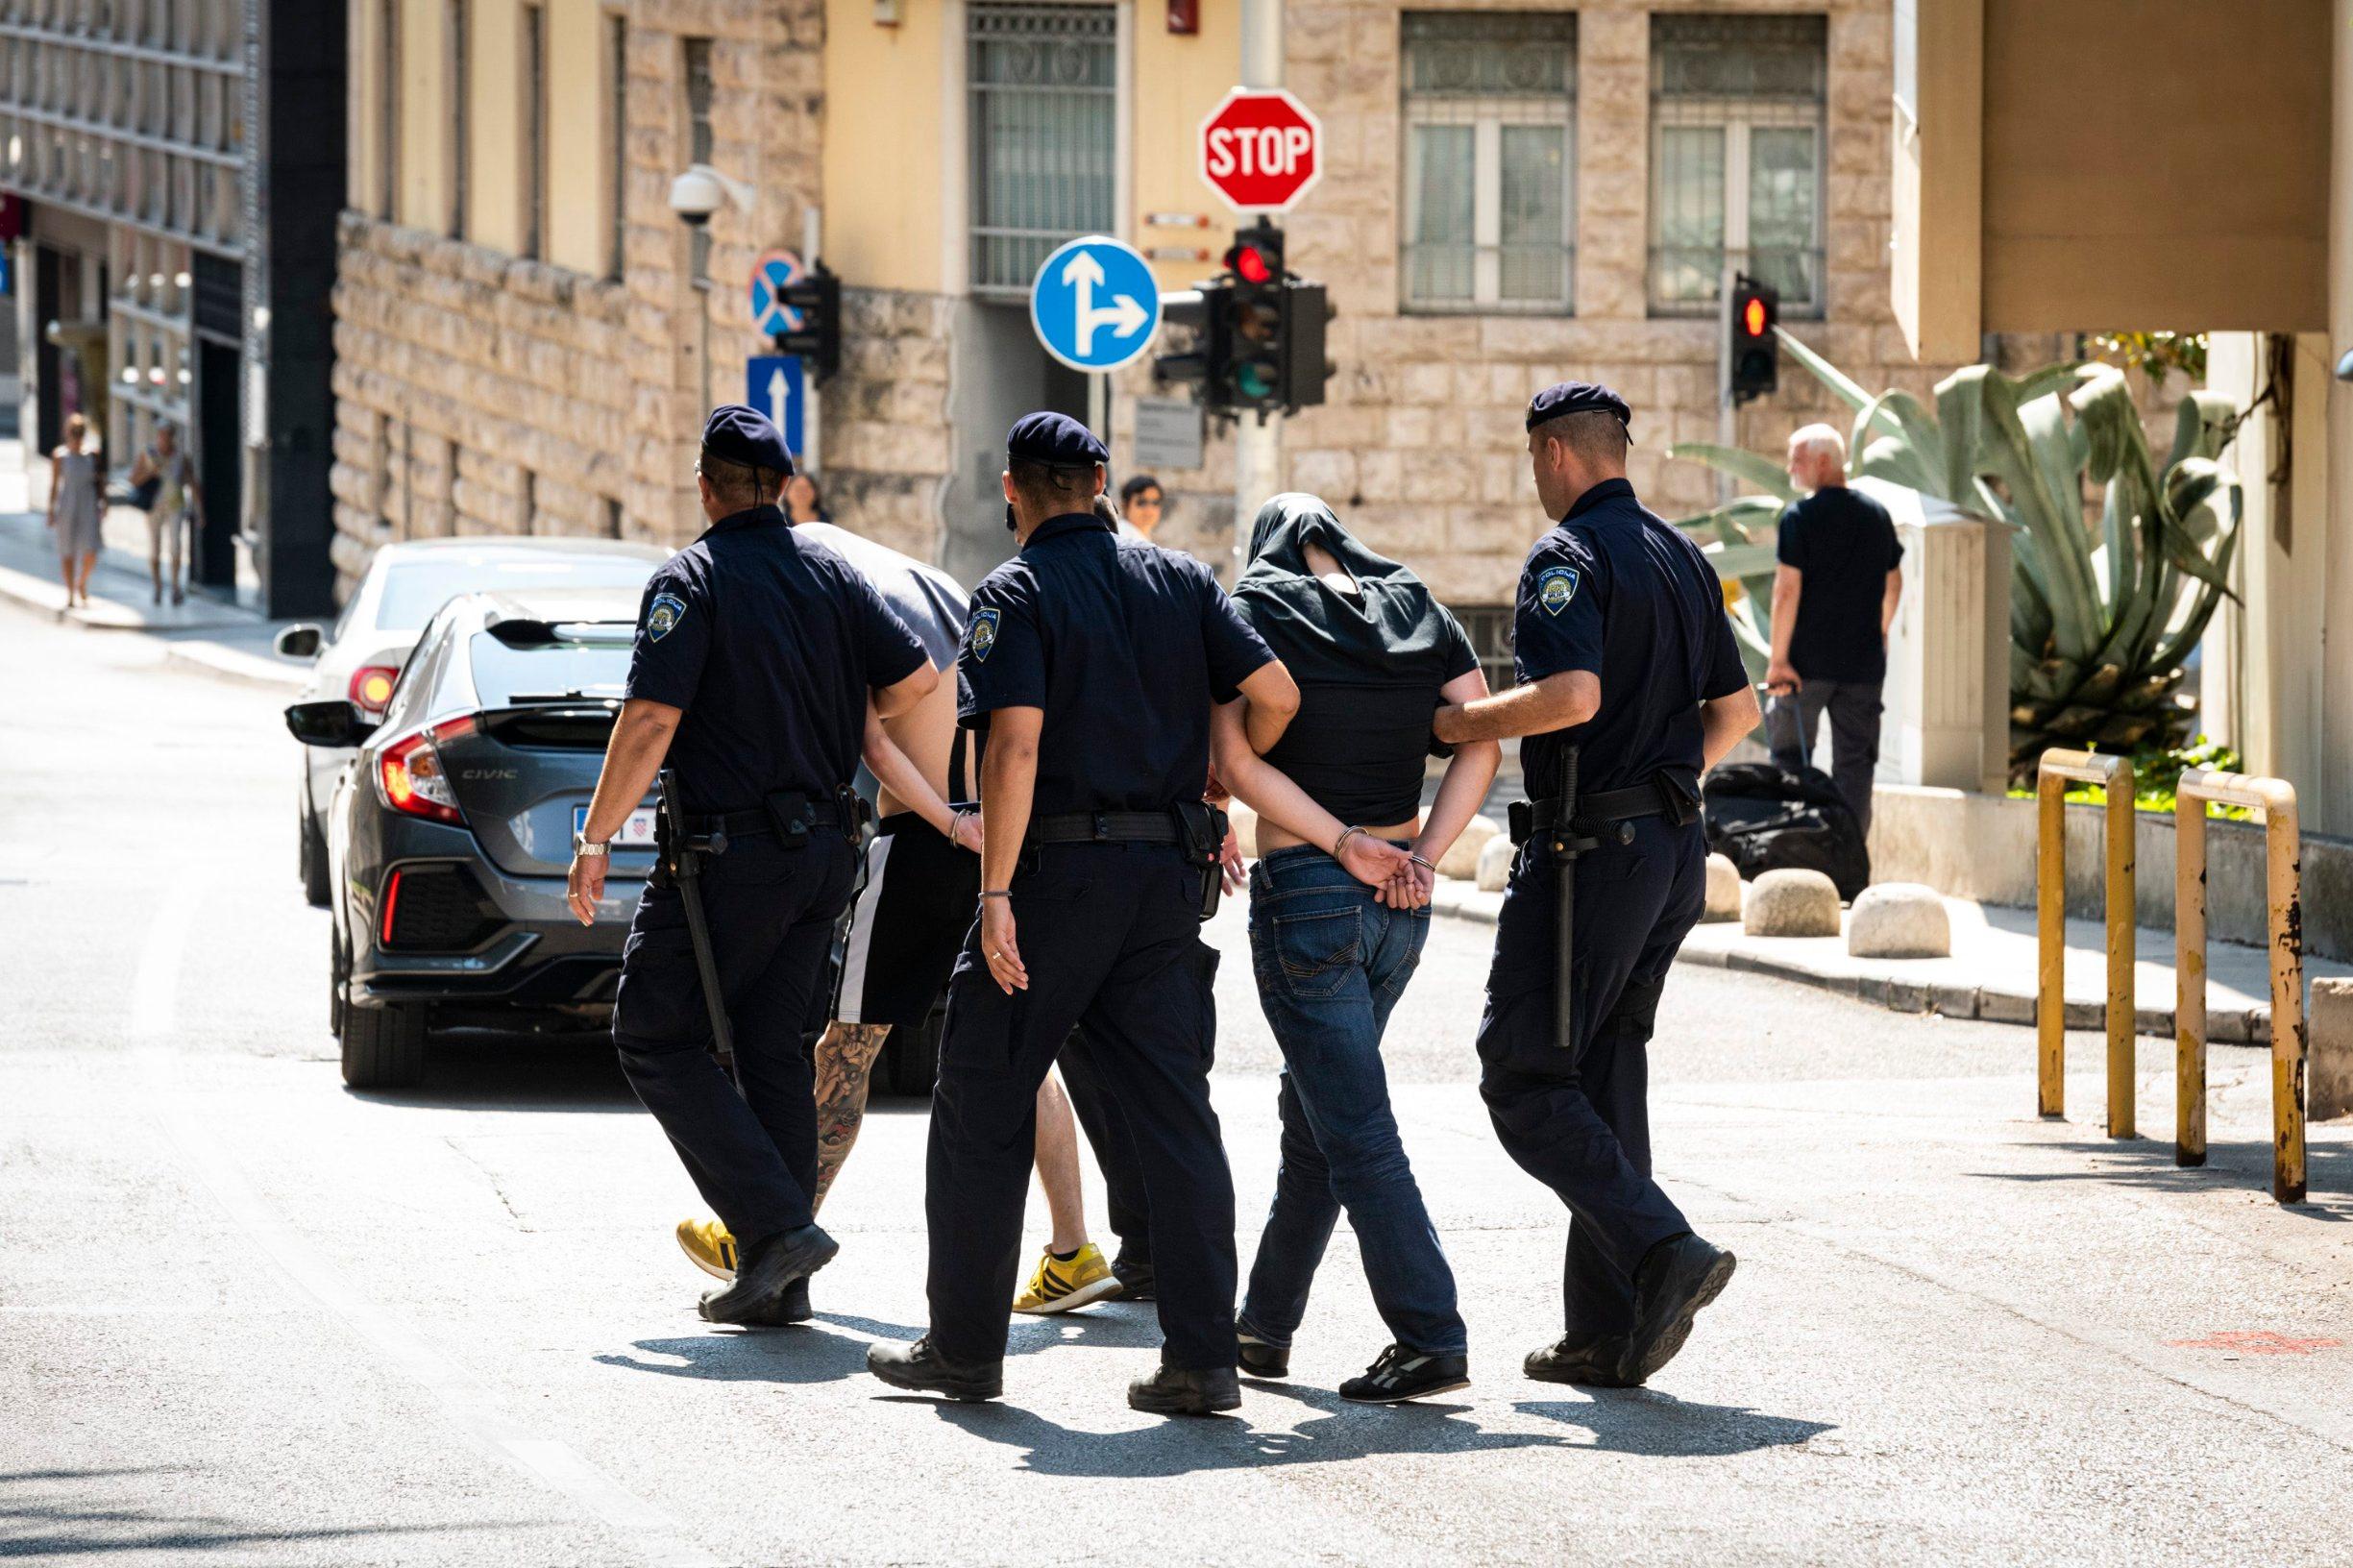 Ako se uhićenim mladićima dokaže krivnja, prijeti im od šest mjeseci do pet godina zatvora. Za nekolicinom huligana policija još uvijek traga